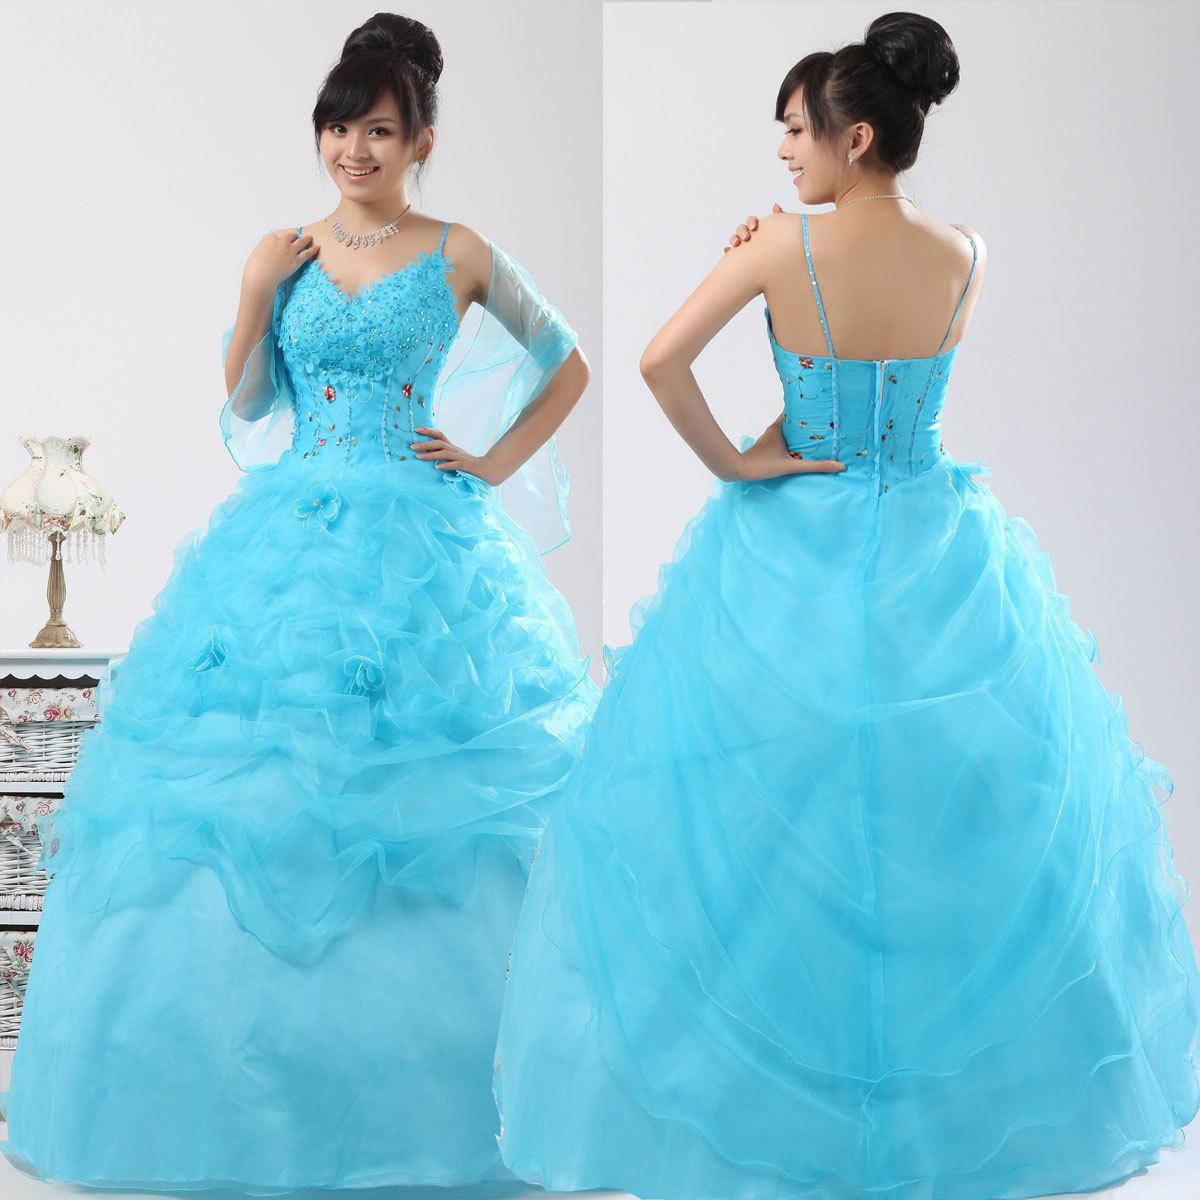 Вечернее платье Dream Ya wedding my8031 Dream Ya wedding Весна 2013 Макси-юбка (более 126см)